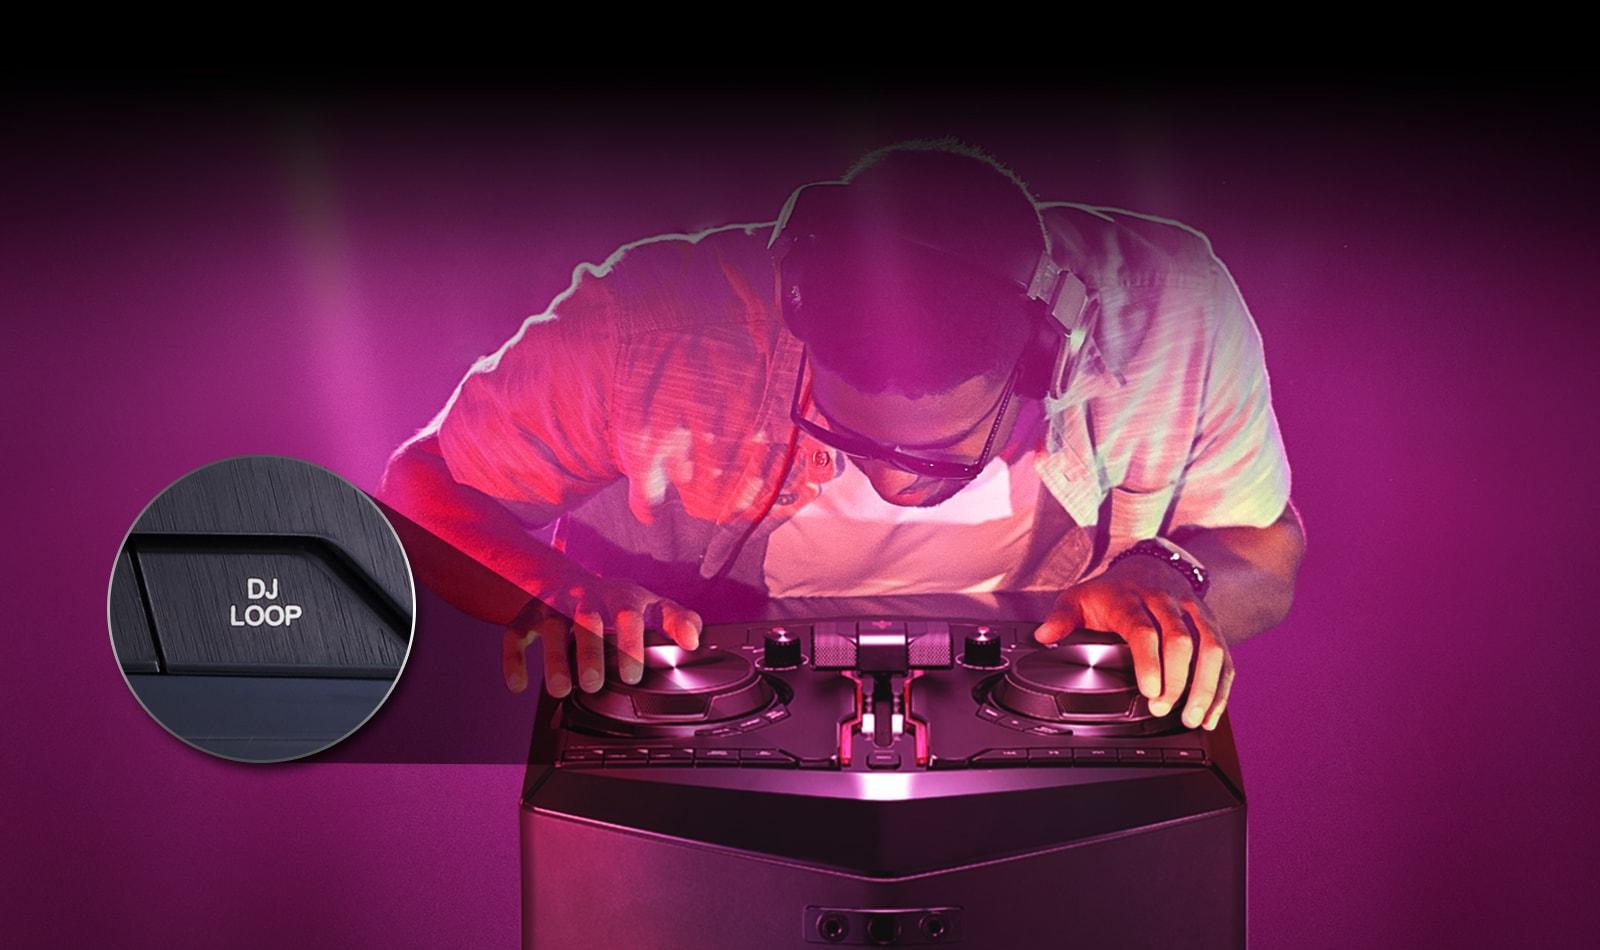 DJ Loop, repeat your beats